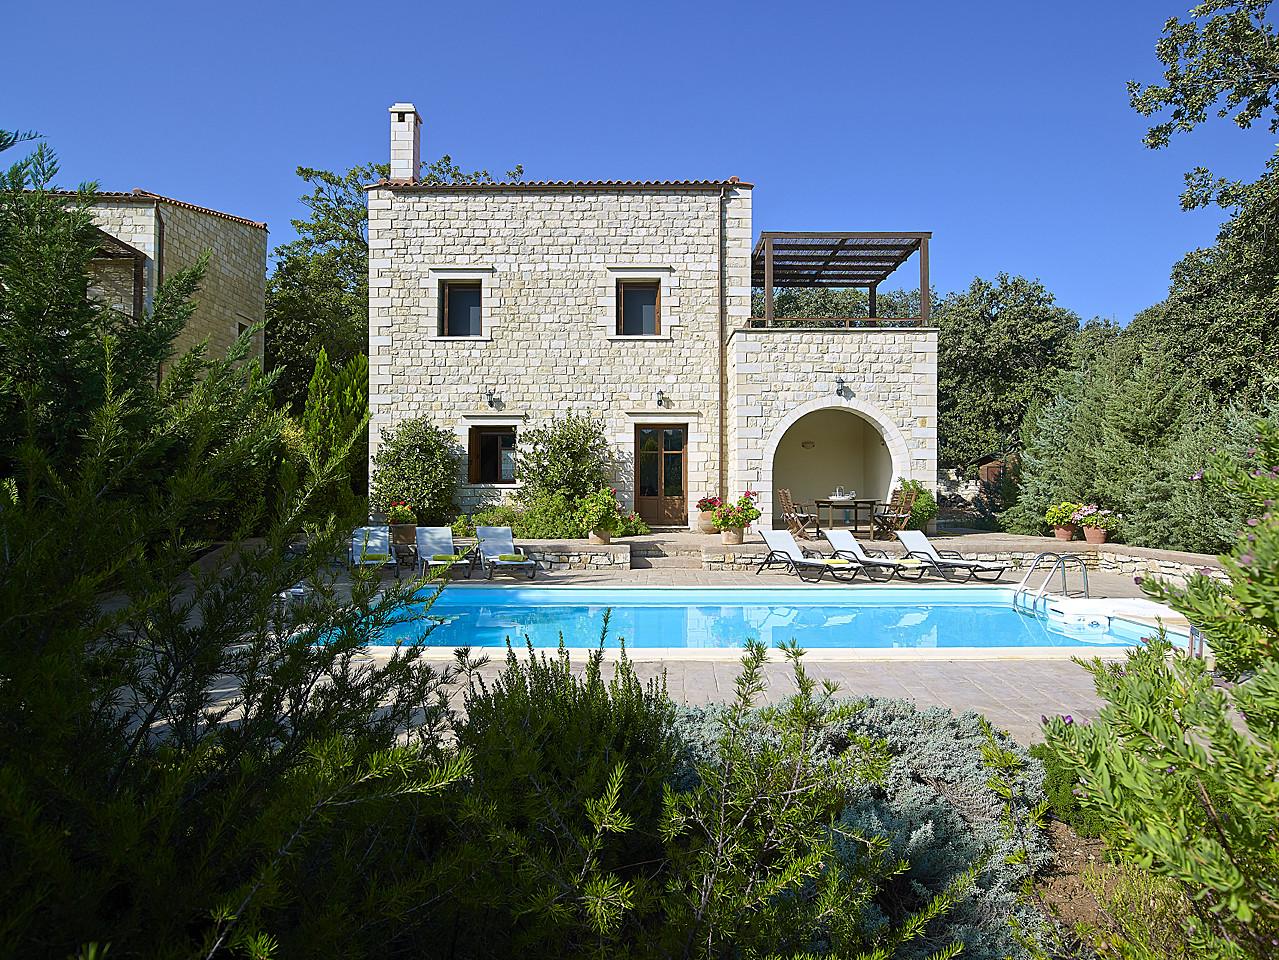 location de maison en cr te avec piscine dans une oliveraie vederi rethymnon guest inn. Black Bedroom Furniture Sets. Home Design Ideas